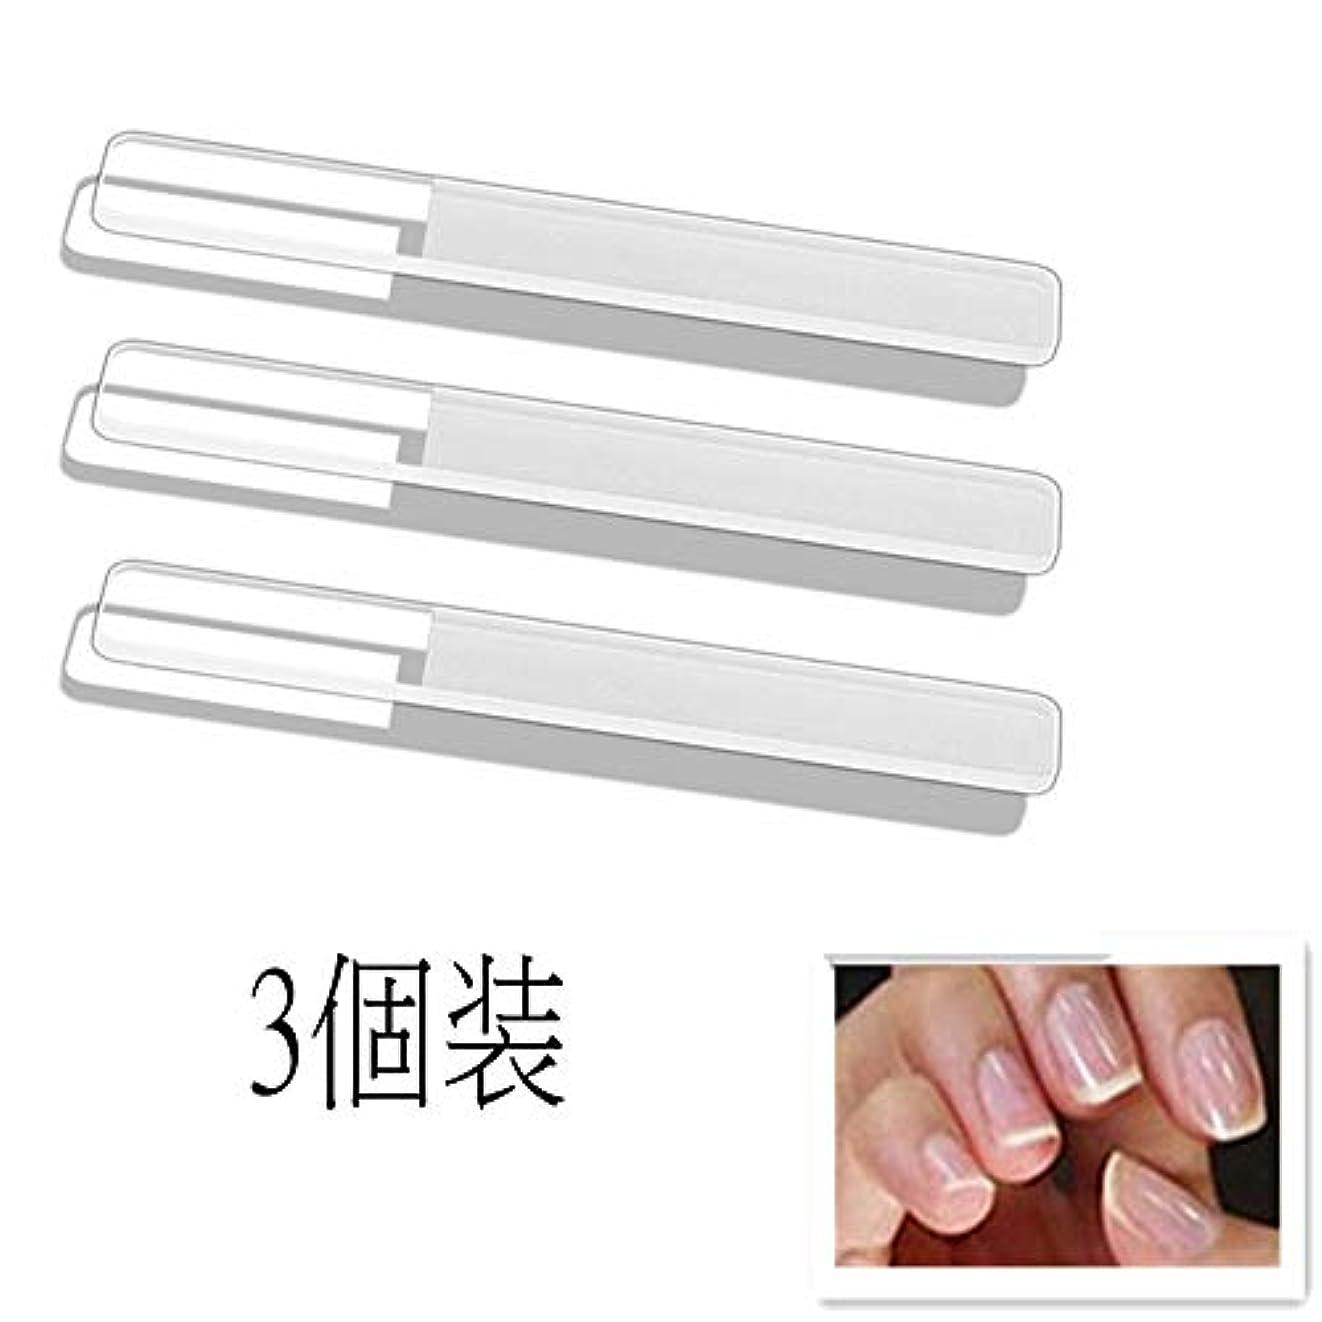 に対応する仕事いっぱい【2020年改良版】爪やすり ガラス 爪磨き使用簡単 やすり つめみがき ネイルケア 携帯便利 収納ケース付き 3pcs セット